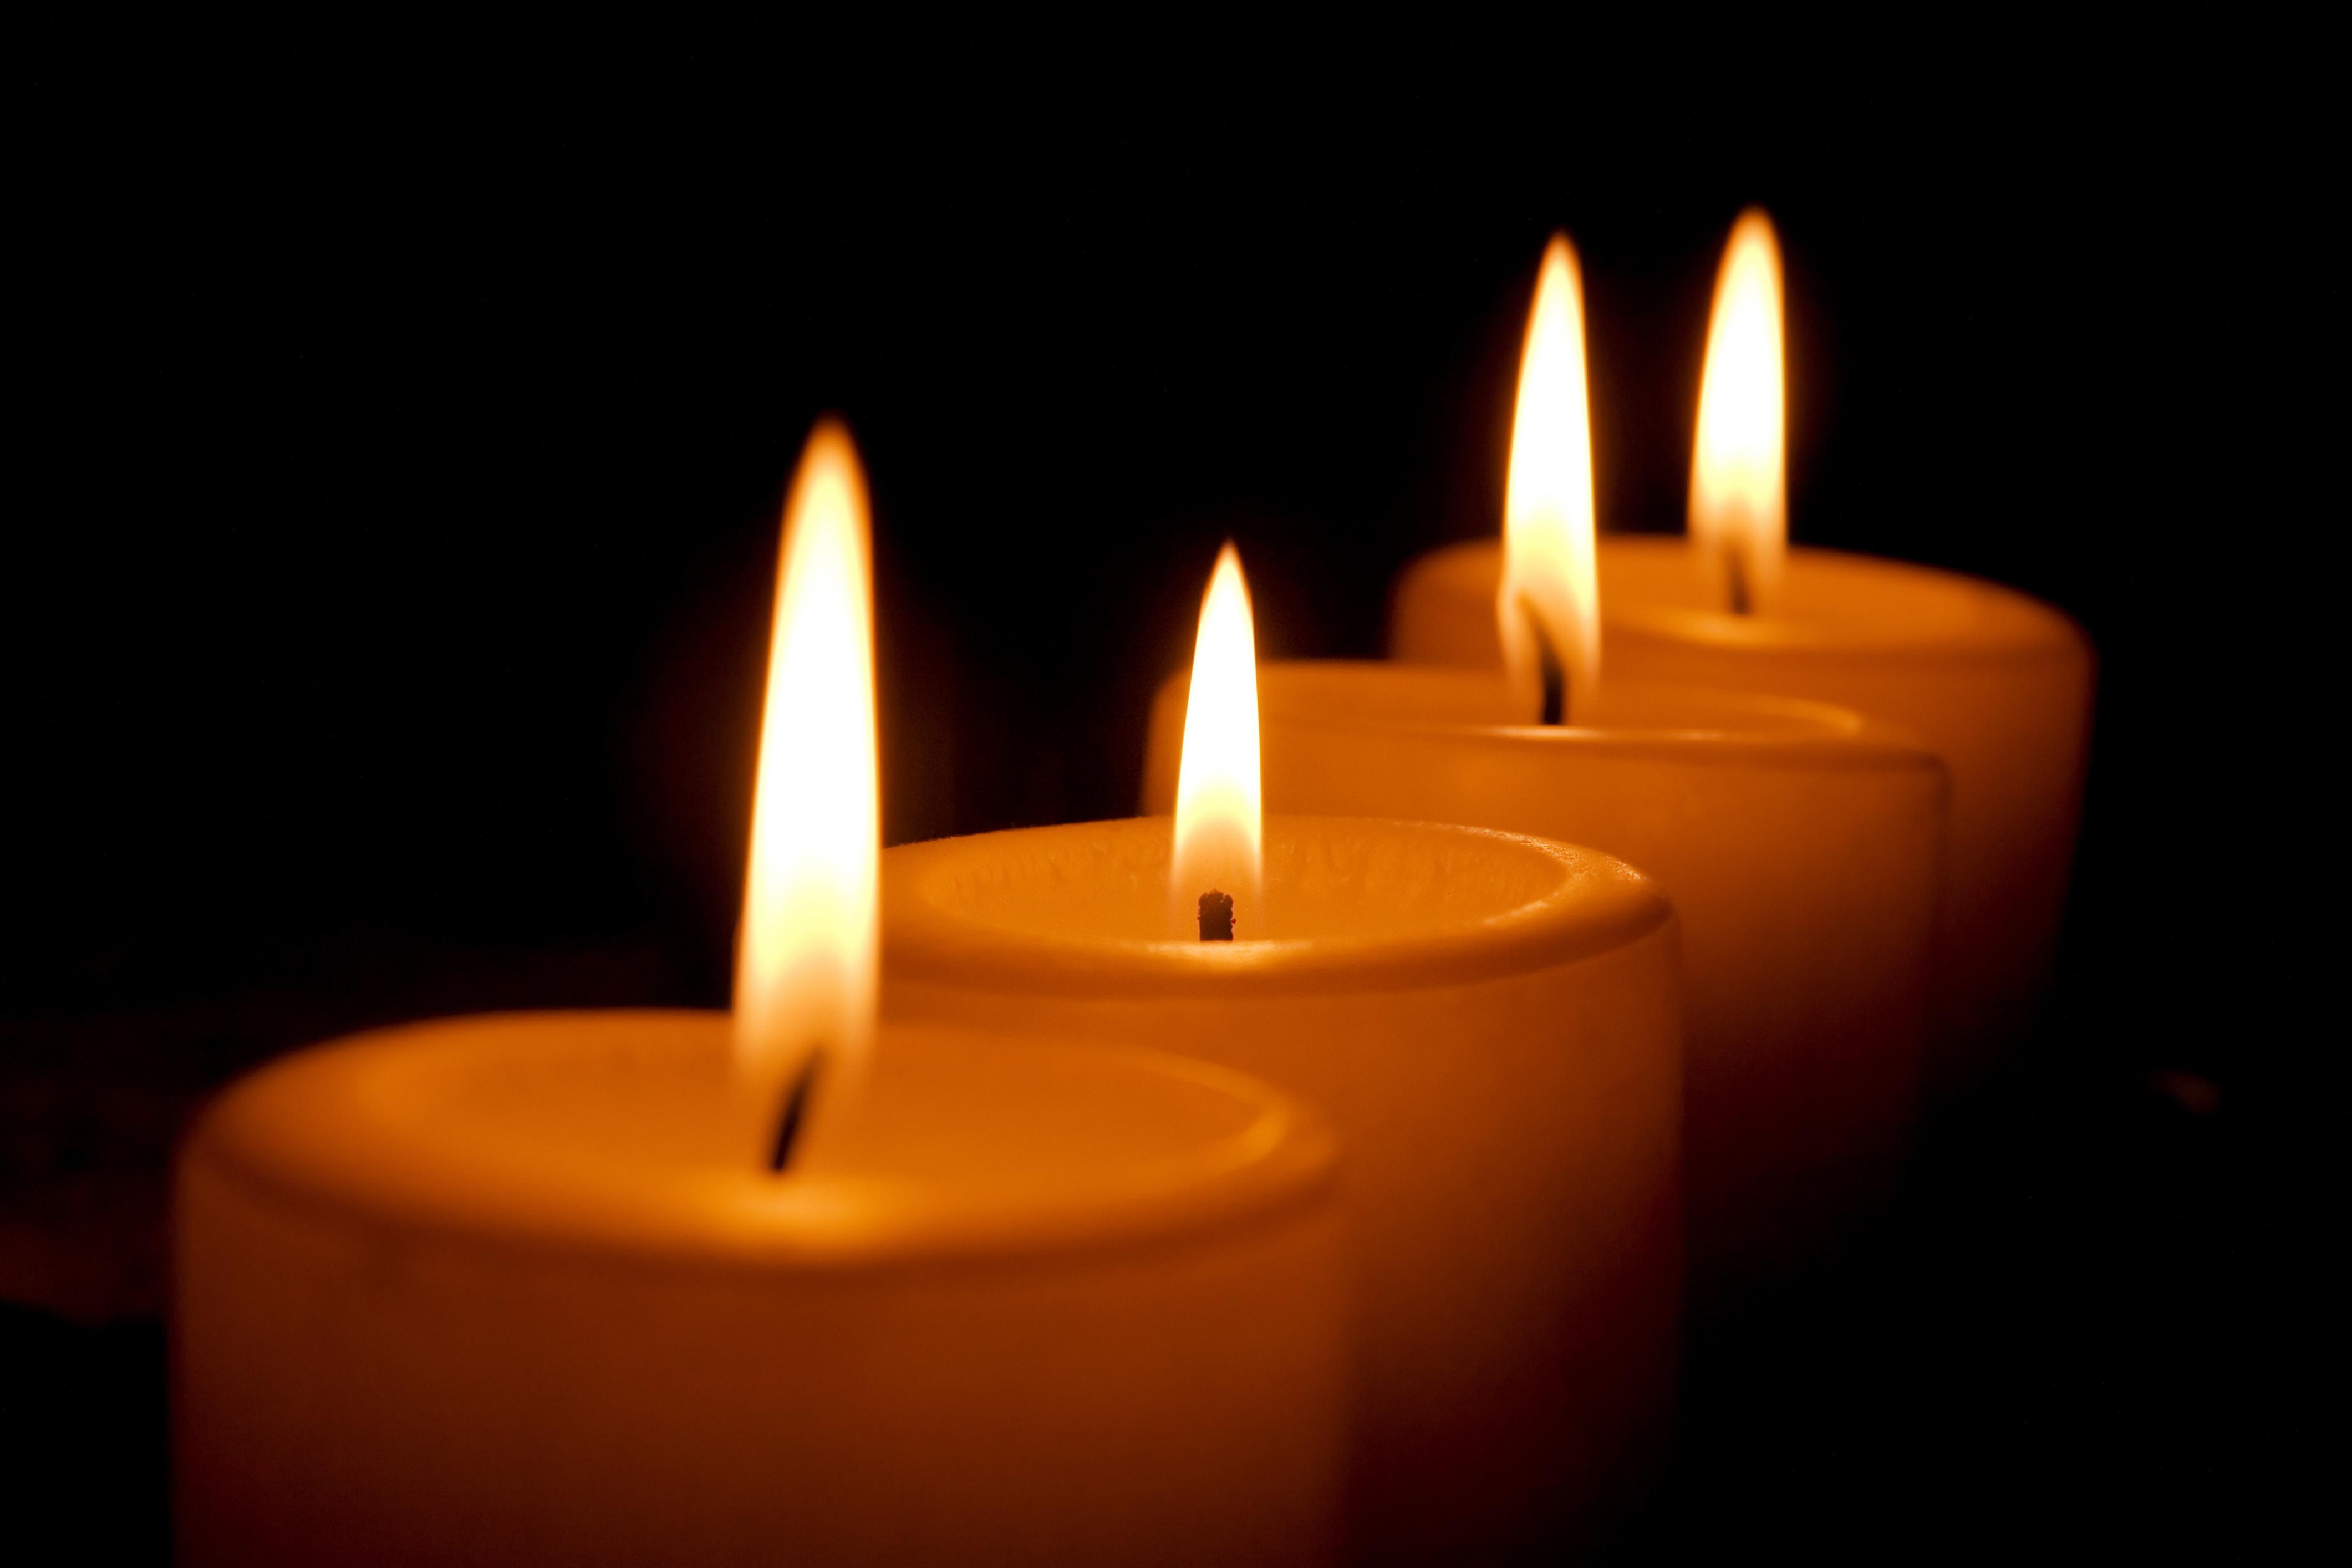 Kaarsje Branden Overleden Kind.Ouders Branden Kaarsen Voor Overleden Kinderen Zundert